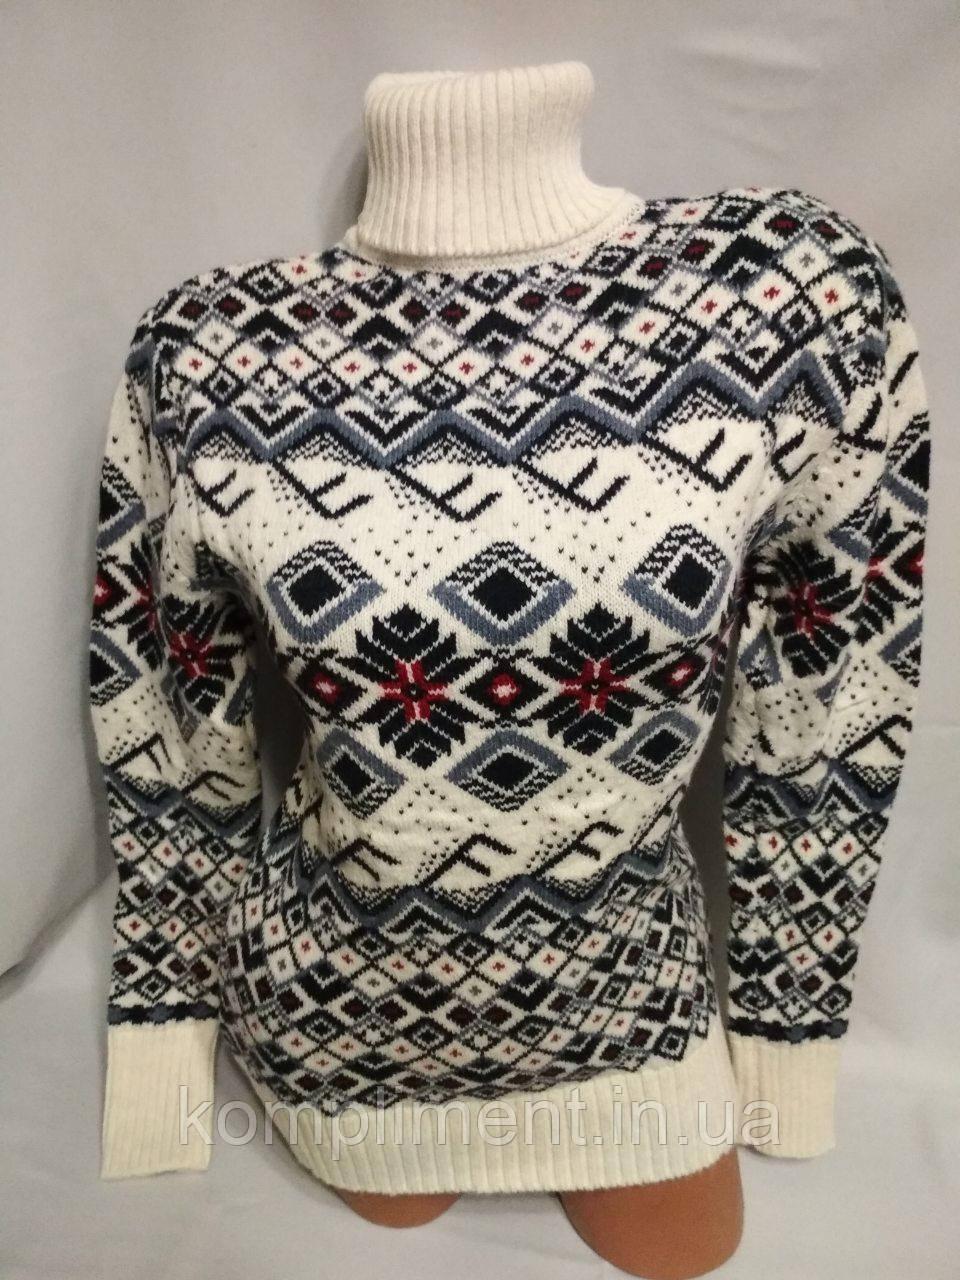 Жіночий вовняний светр з горлом, білий. Туреччина.